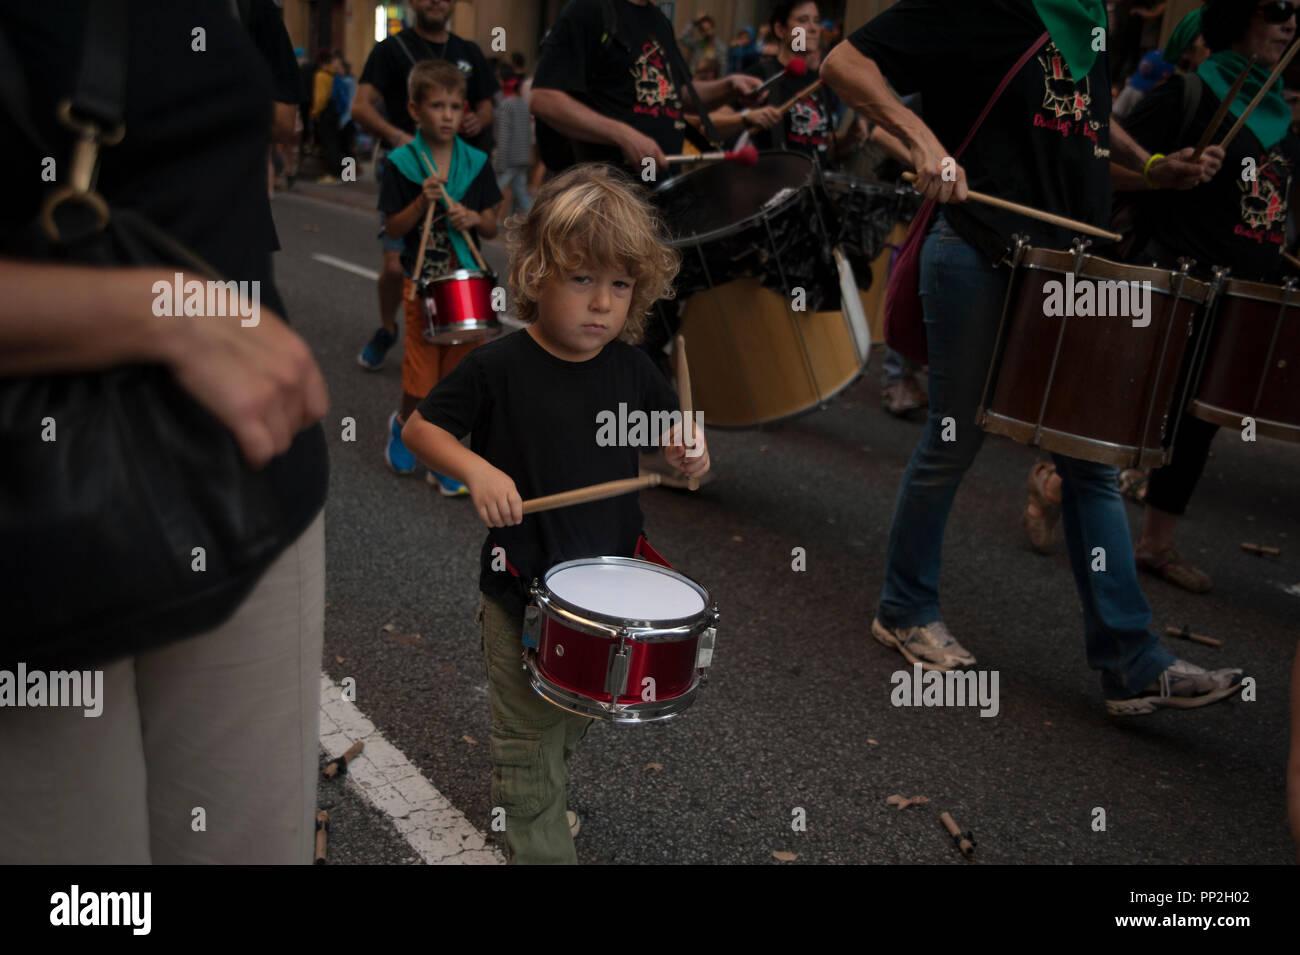 Barcelona 22 Septembre, 2018. Les correfocs font partie de la culture catalane et en eux, nous pouvons voir les jeunes et les vieux profiter du rythme de la percussion Banque D'Images